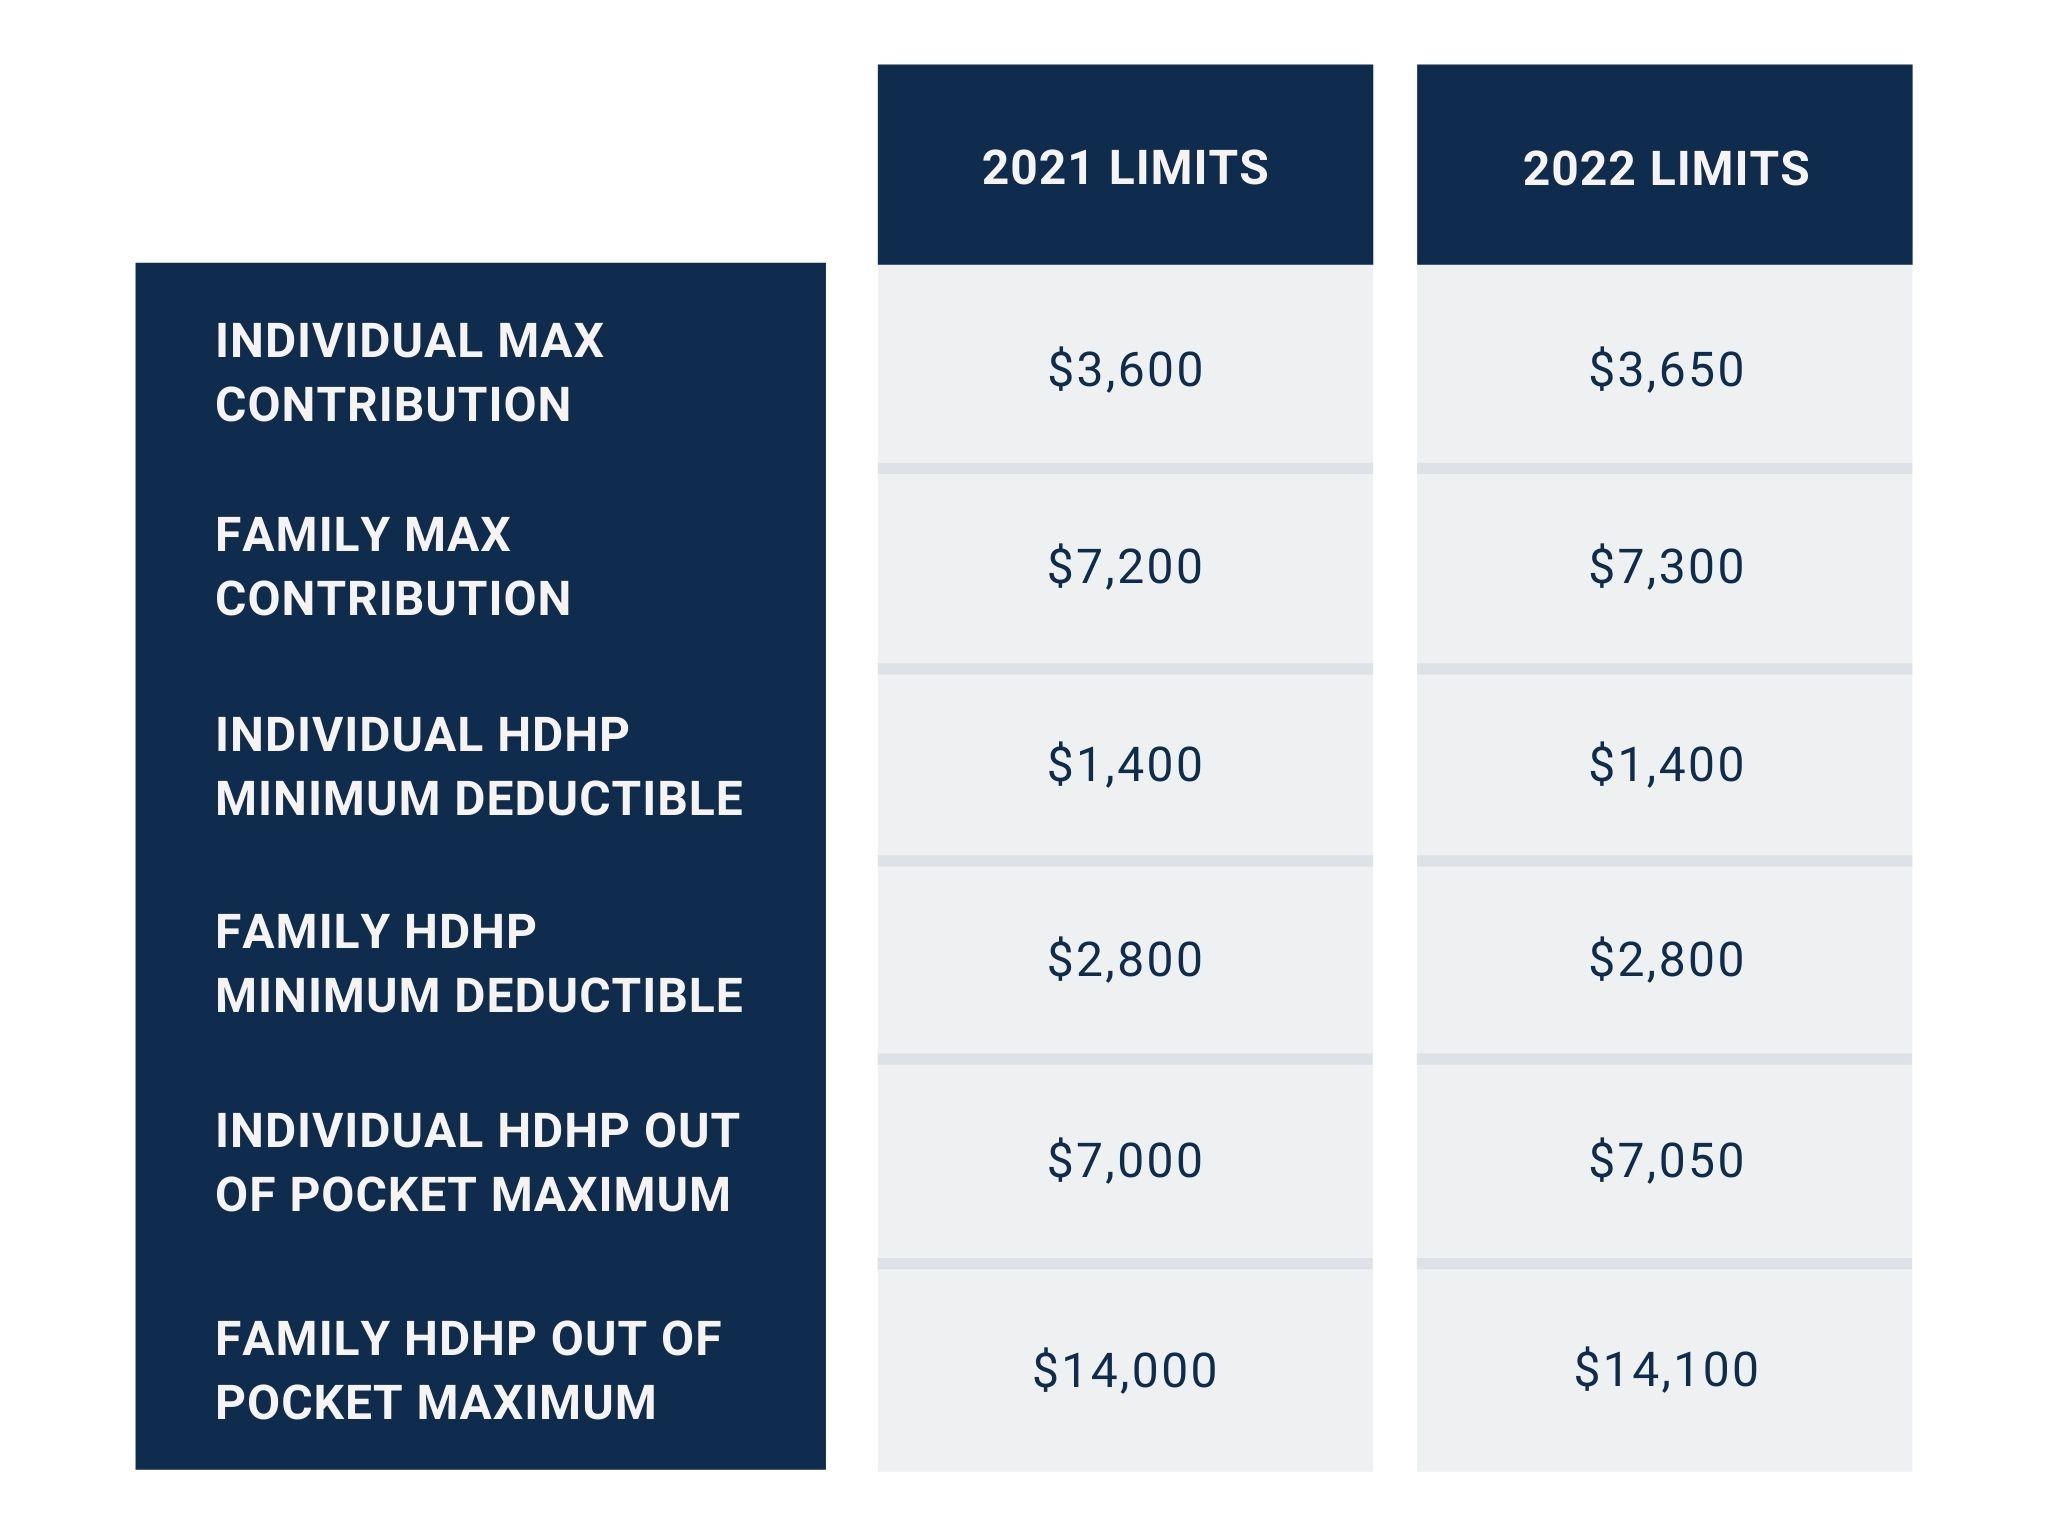 hsa contributions 2021 vs 2022